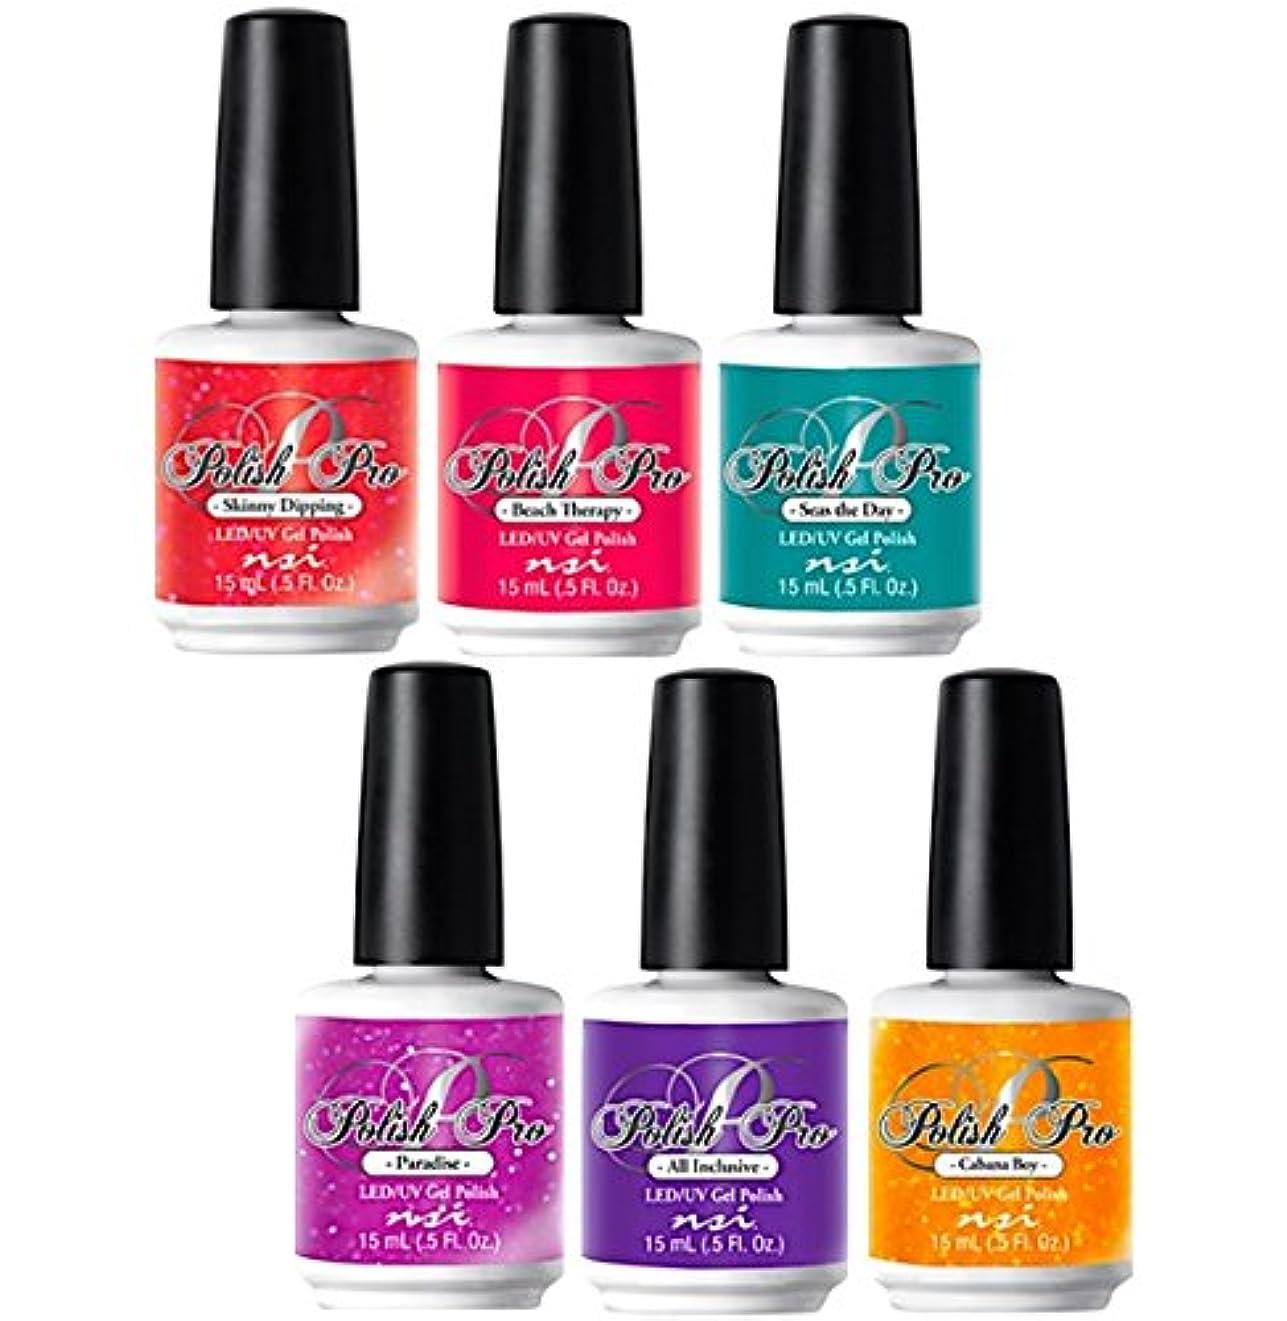 相談する既に机NSI Polish Pro Gel Polish - The Island Resort Collection - All 6 Colors - 15 ml/0.5 oz Each